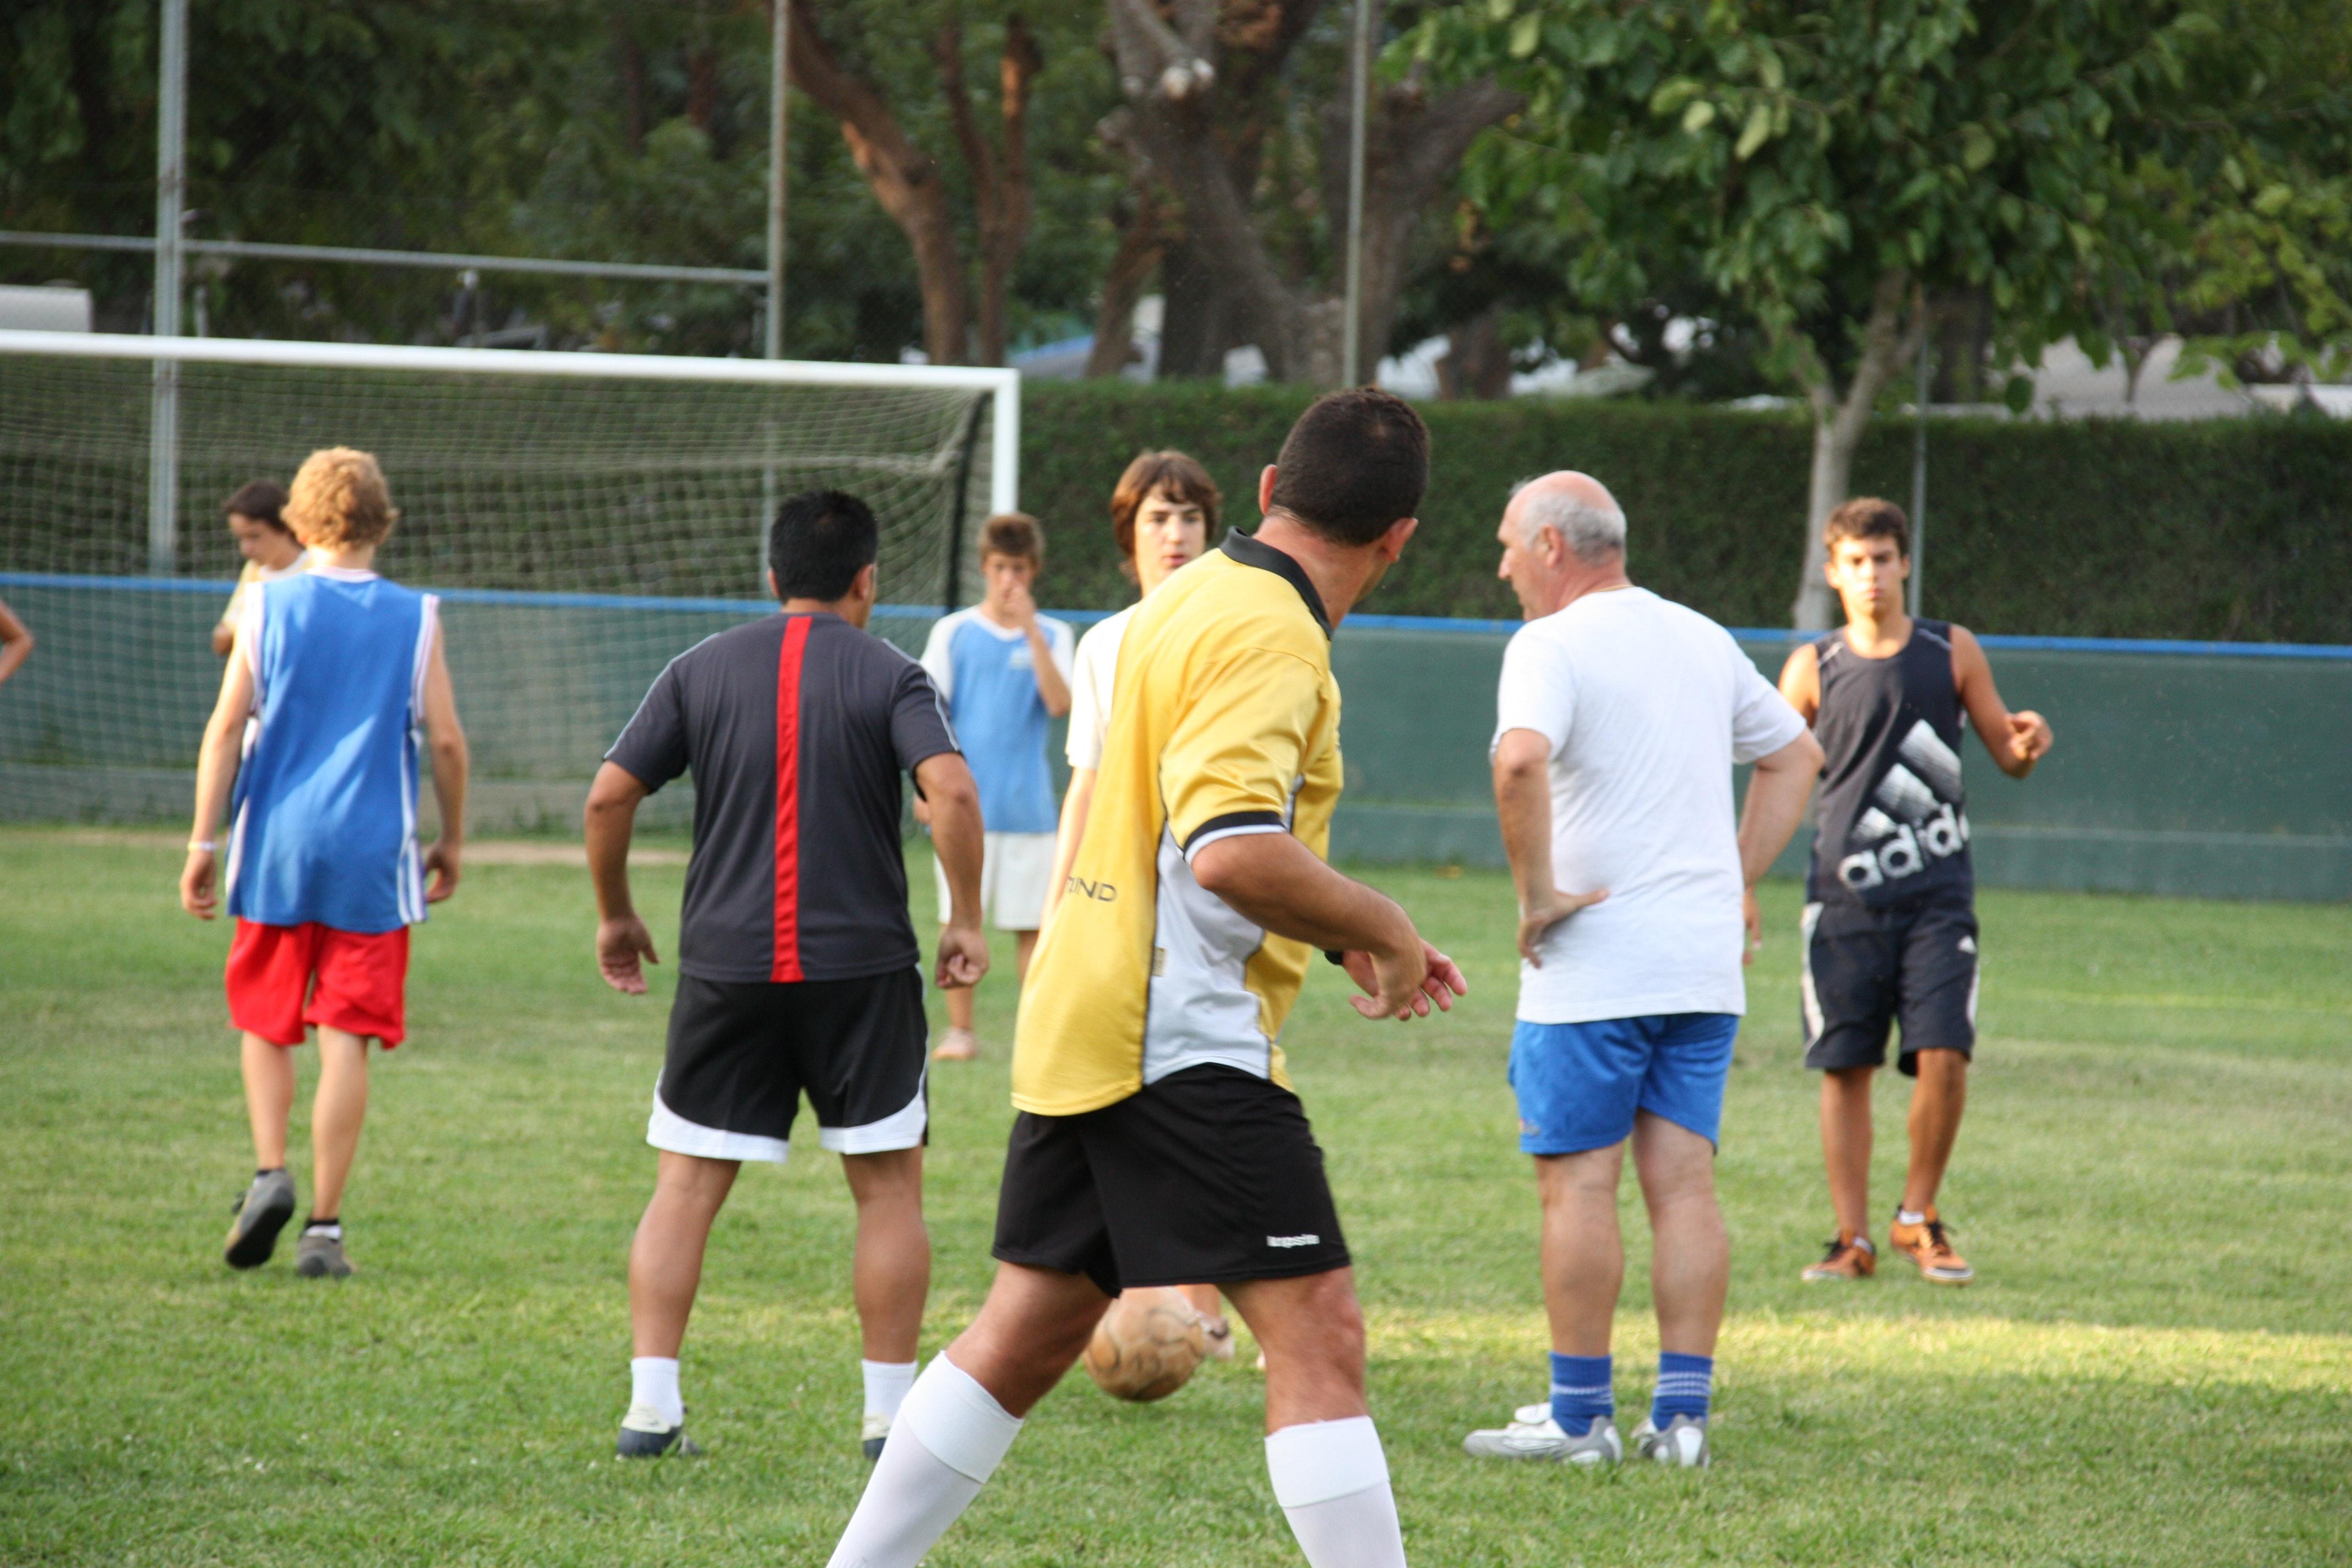 Voetballen op camping Valldaro